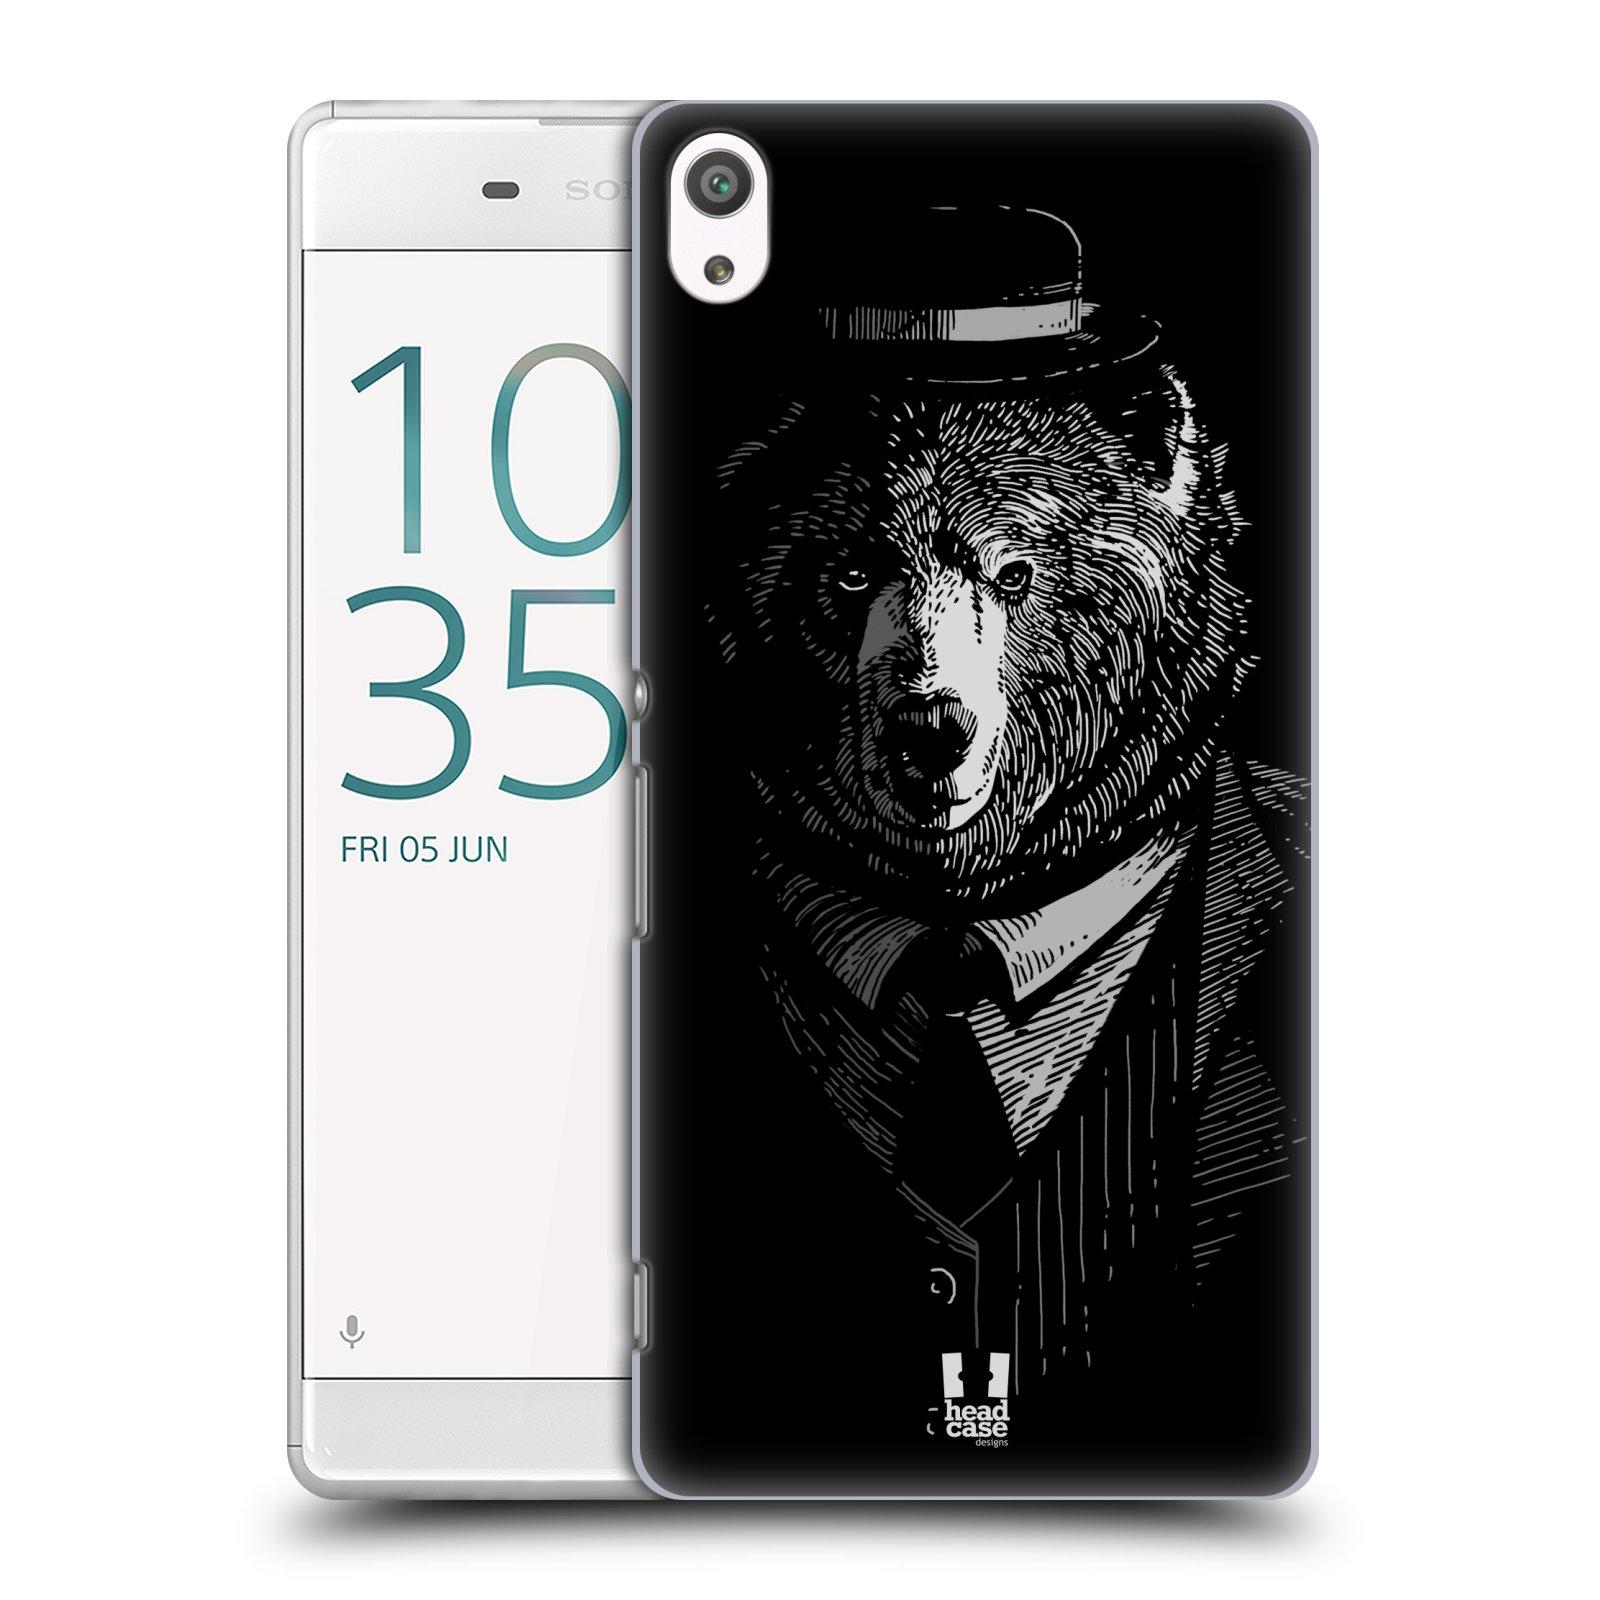 Plastové pouzdro na mobil Sony Xperia XA Ultra HEAD CASE MEDVĚD V KVÁDRU (Plastový kryt či obal na mobilní telefon Sony Xperia XA Ultra F3211)